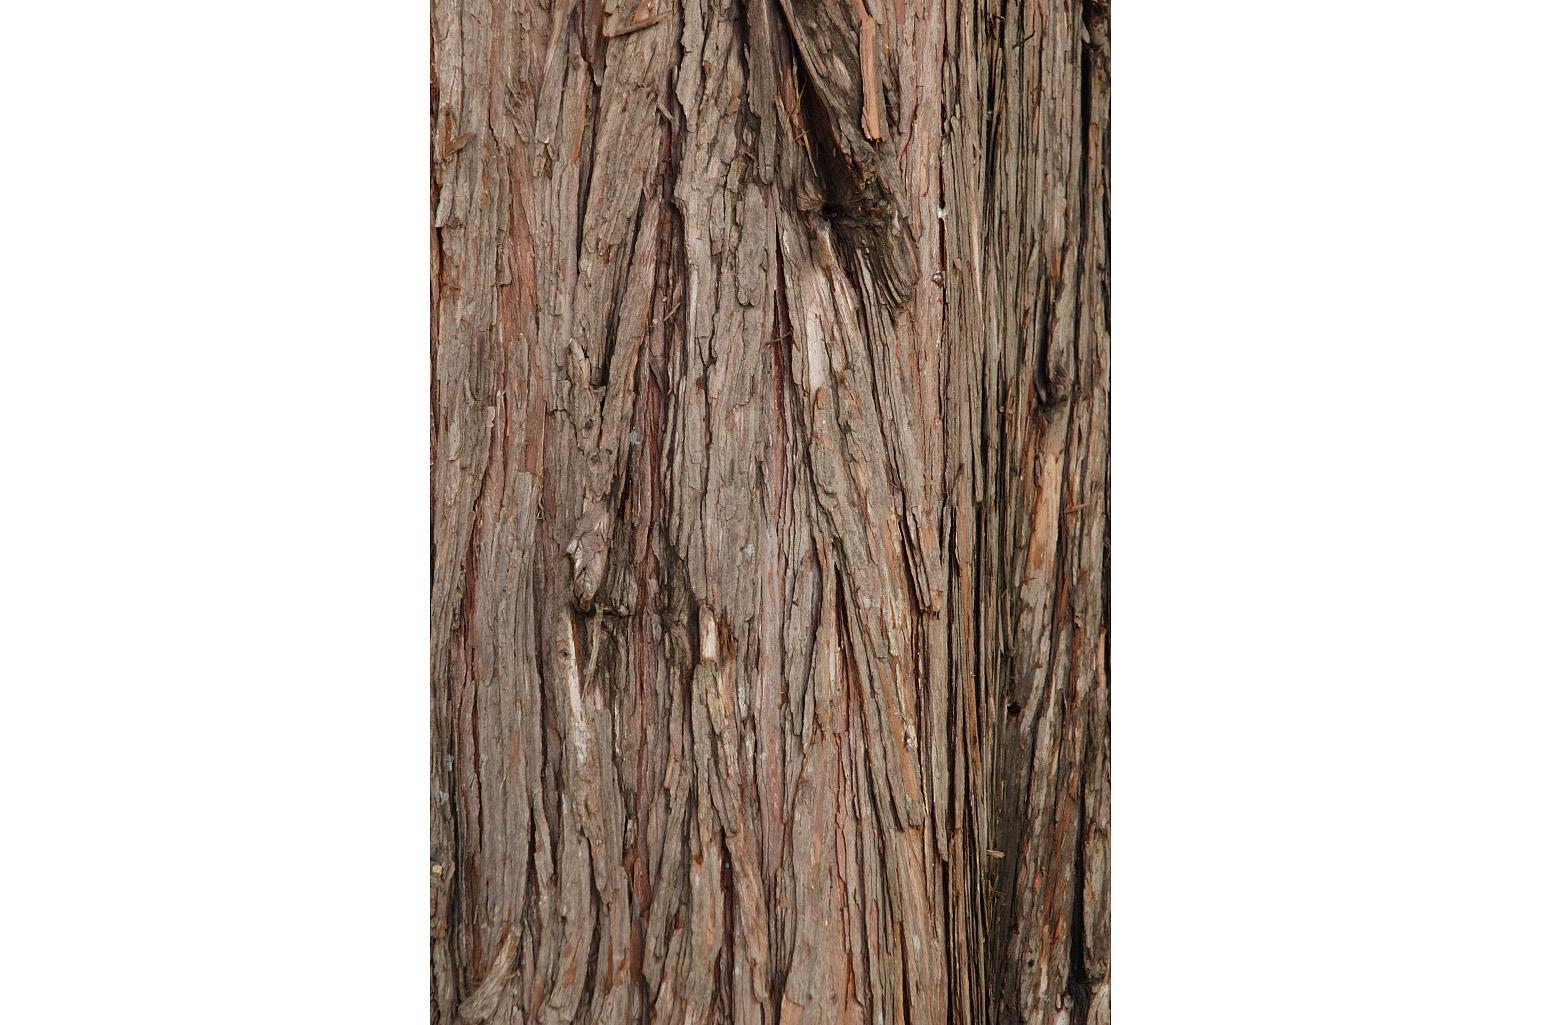 Corteza fibrosa del tronco que se desprende en tiras